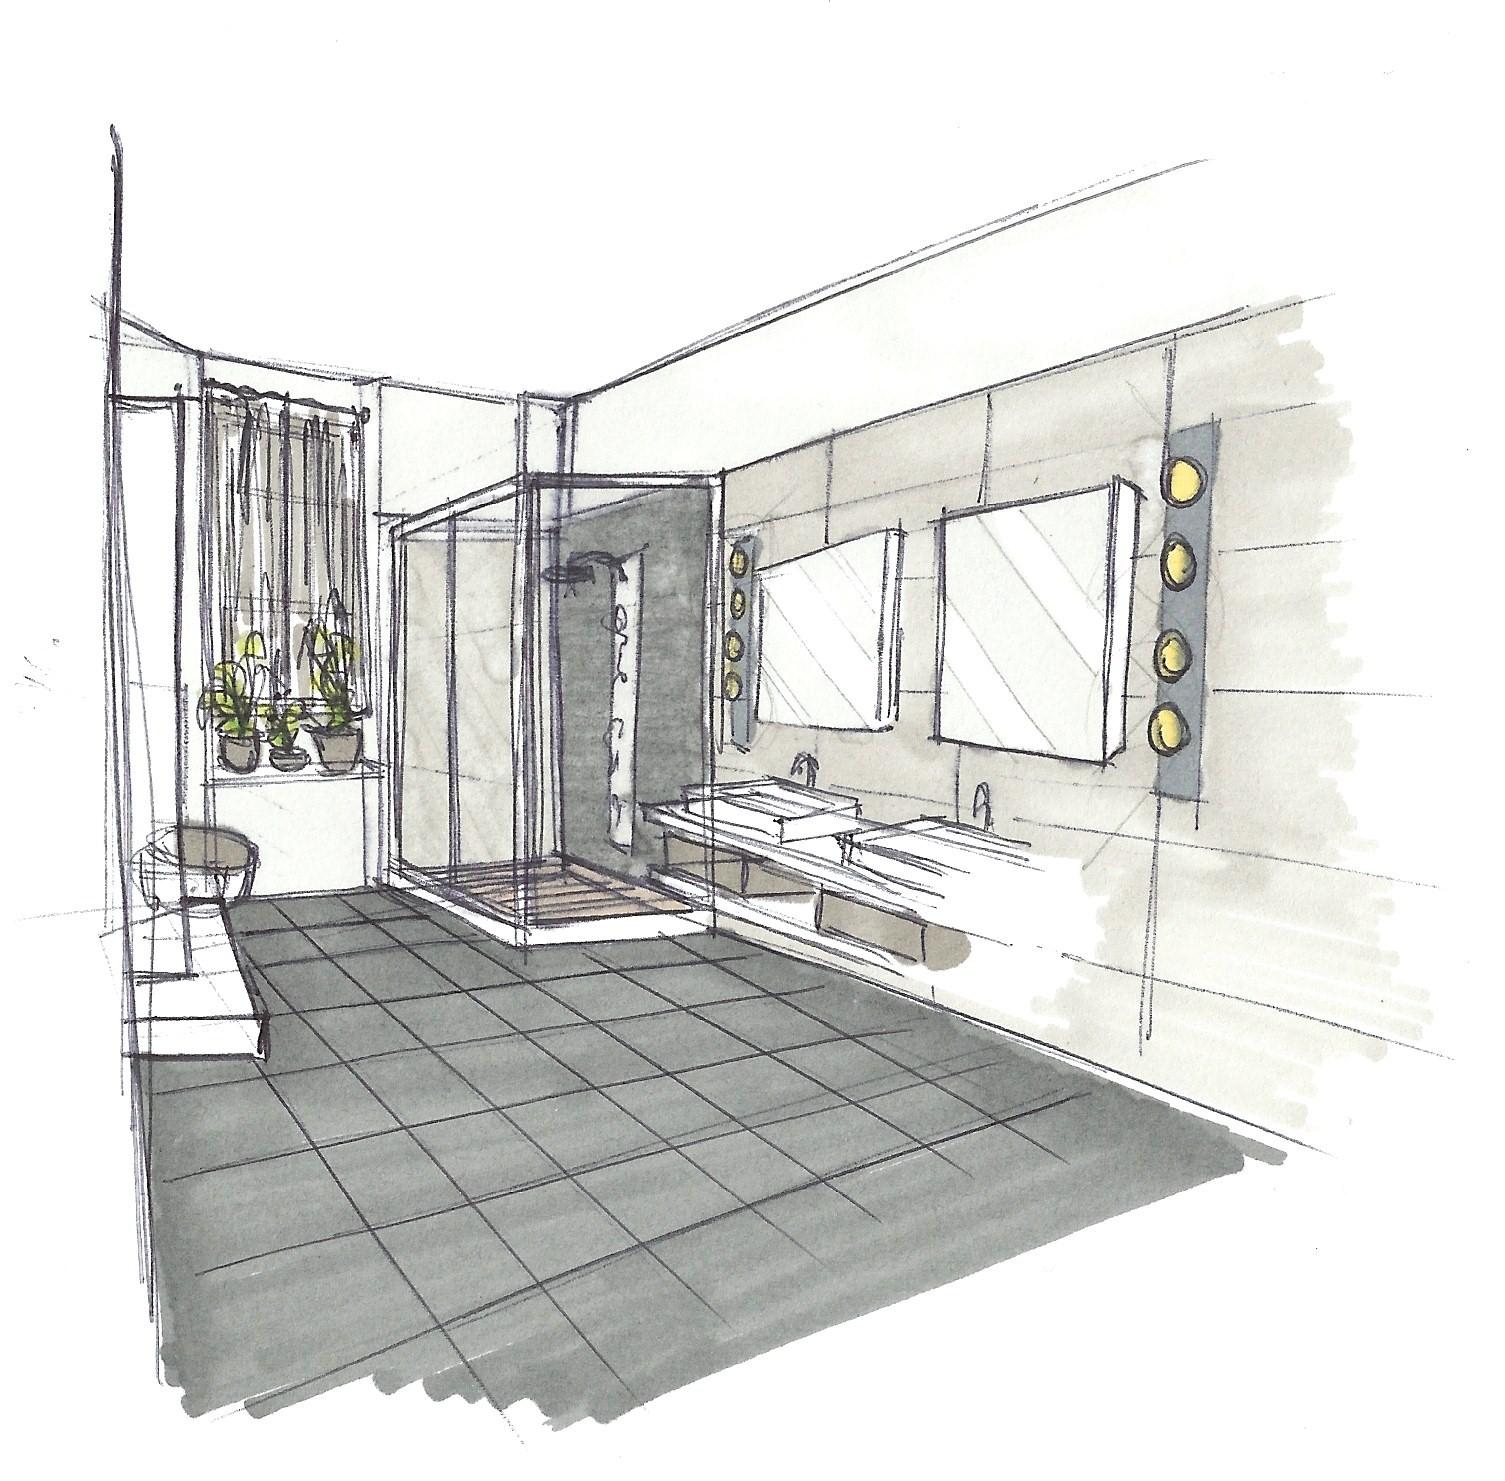 Adc l 39 atelier d 39 c t am nagement int rieur design d 39 espace et d coration r novation d 39 une - Salle de bain architecte d interieur ...